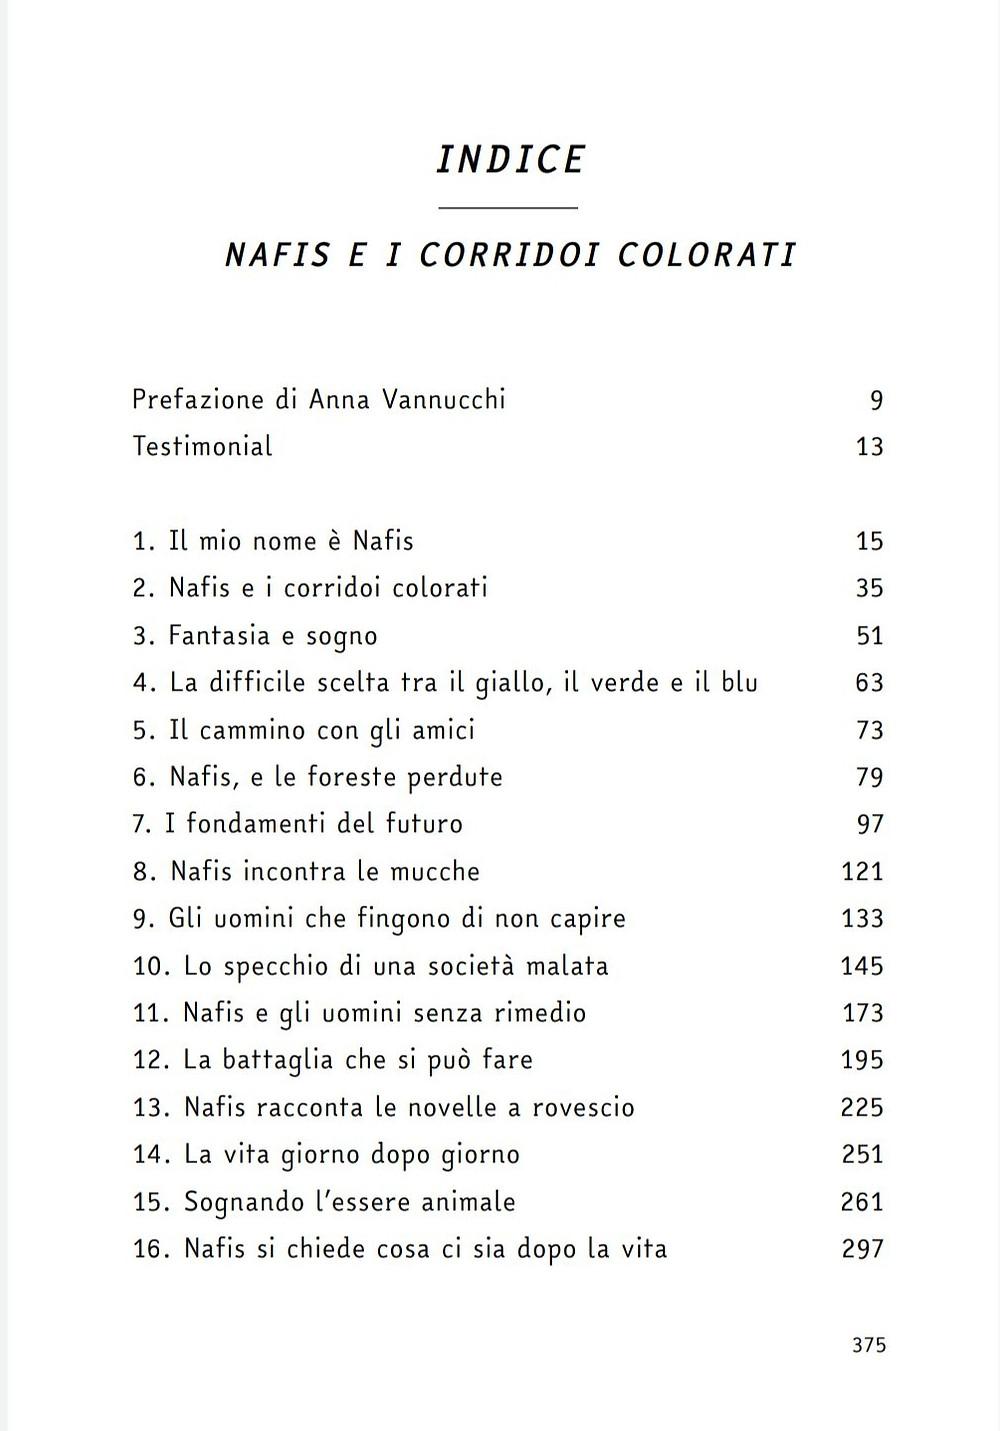 Libro indice Nafis e i corridoi colorati book ambiente pandemia